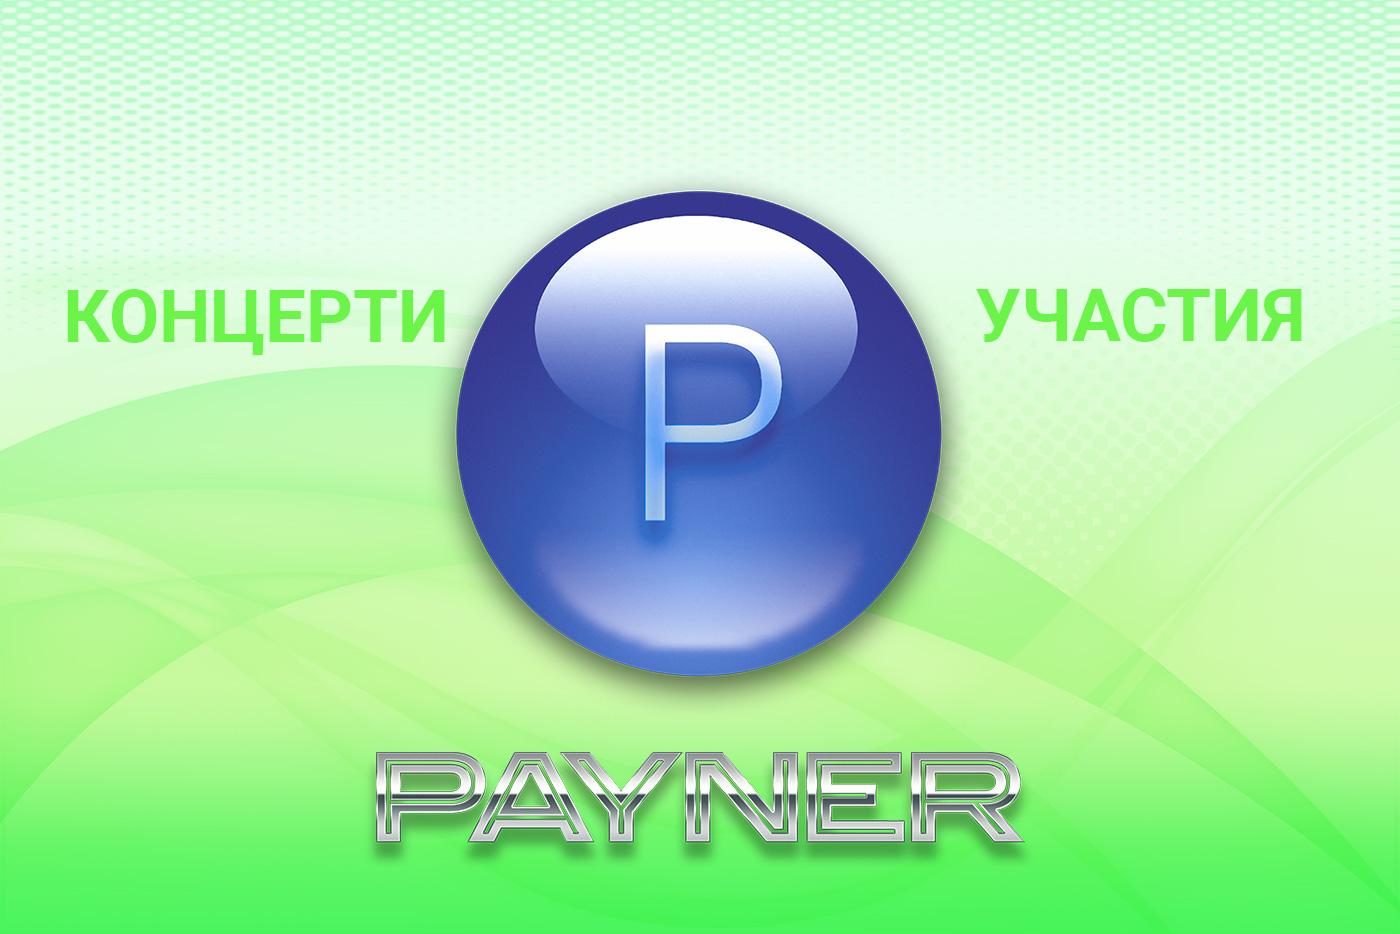 """Участия на звездите на """"Пайнер"""" на 17.01.2019"""